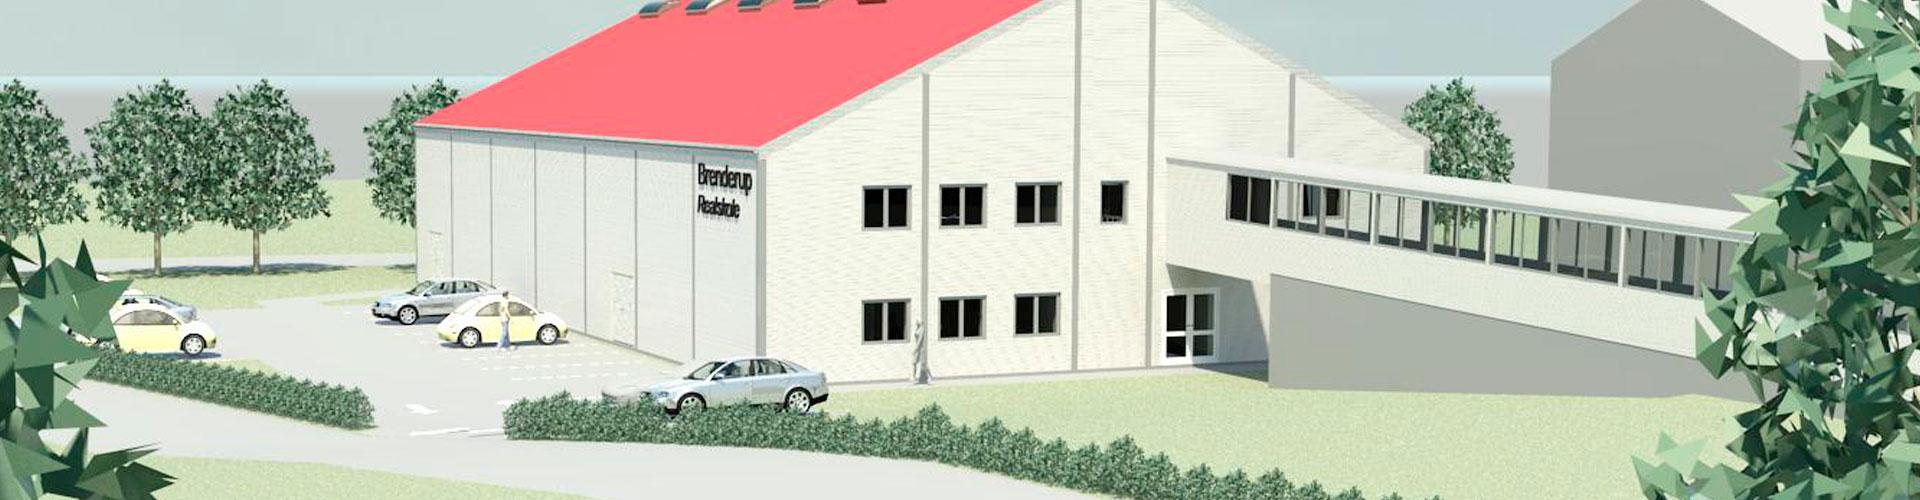 2014-2016, Brenderup Realskole - Opførelse af Ny Multihal og klasselokaler